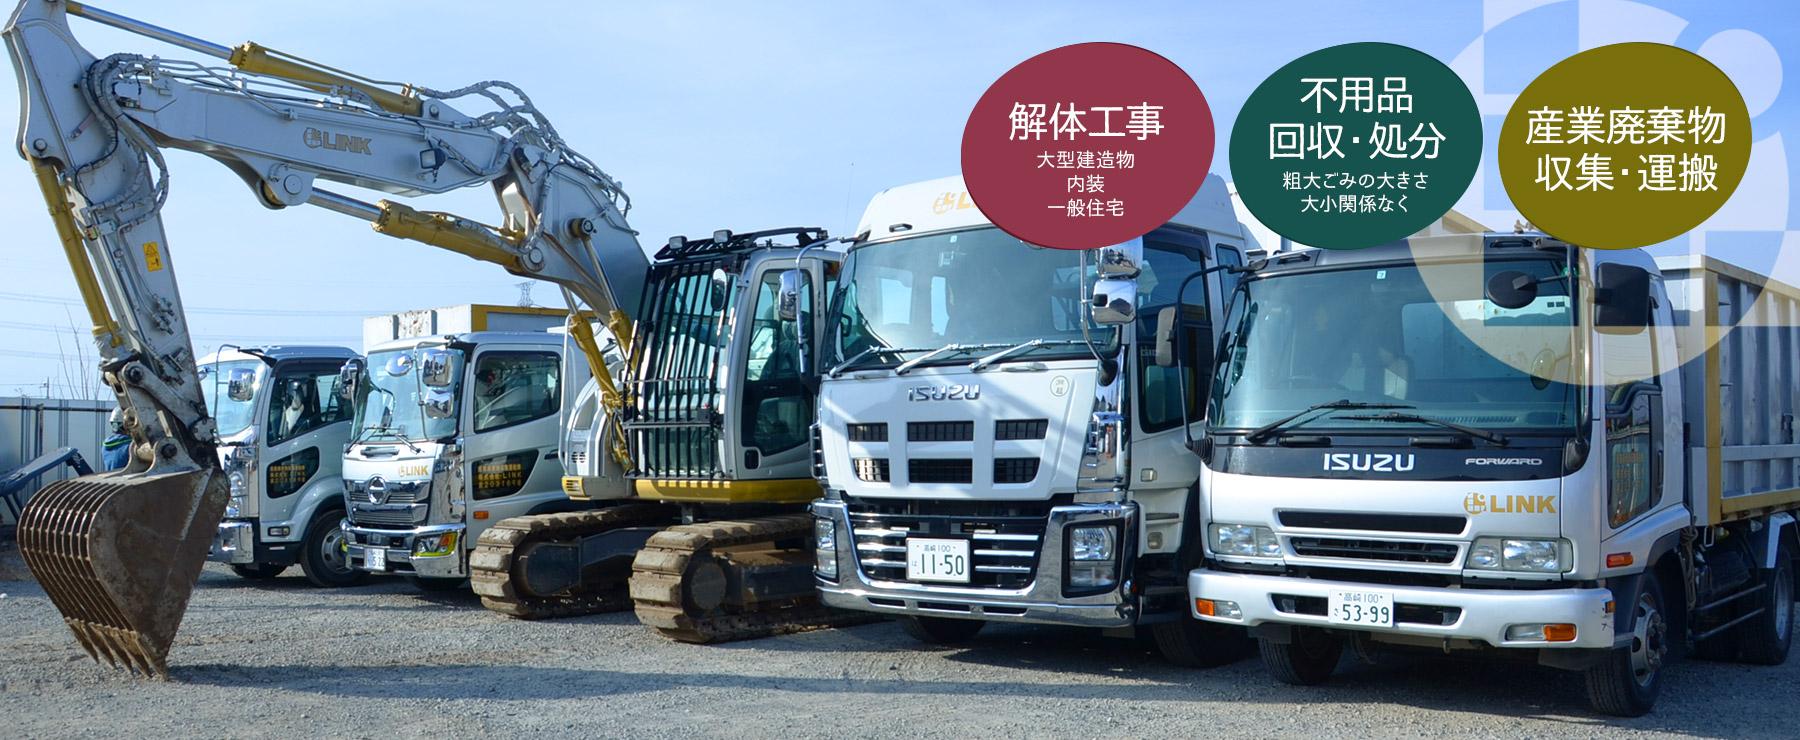 株式会社LINK(リンク)は、解体工事、不用品の回収・処分、産業廃棄物収集・運搬を承っております。